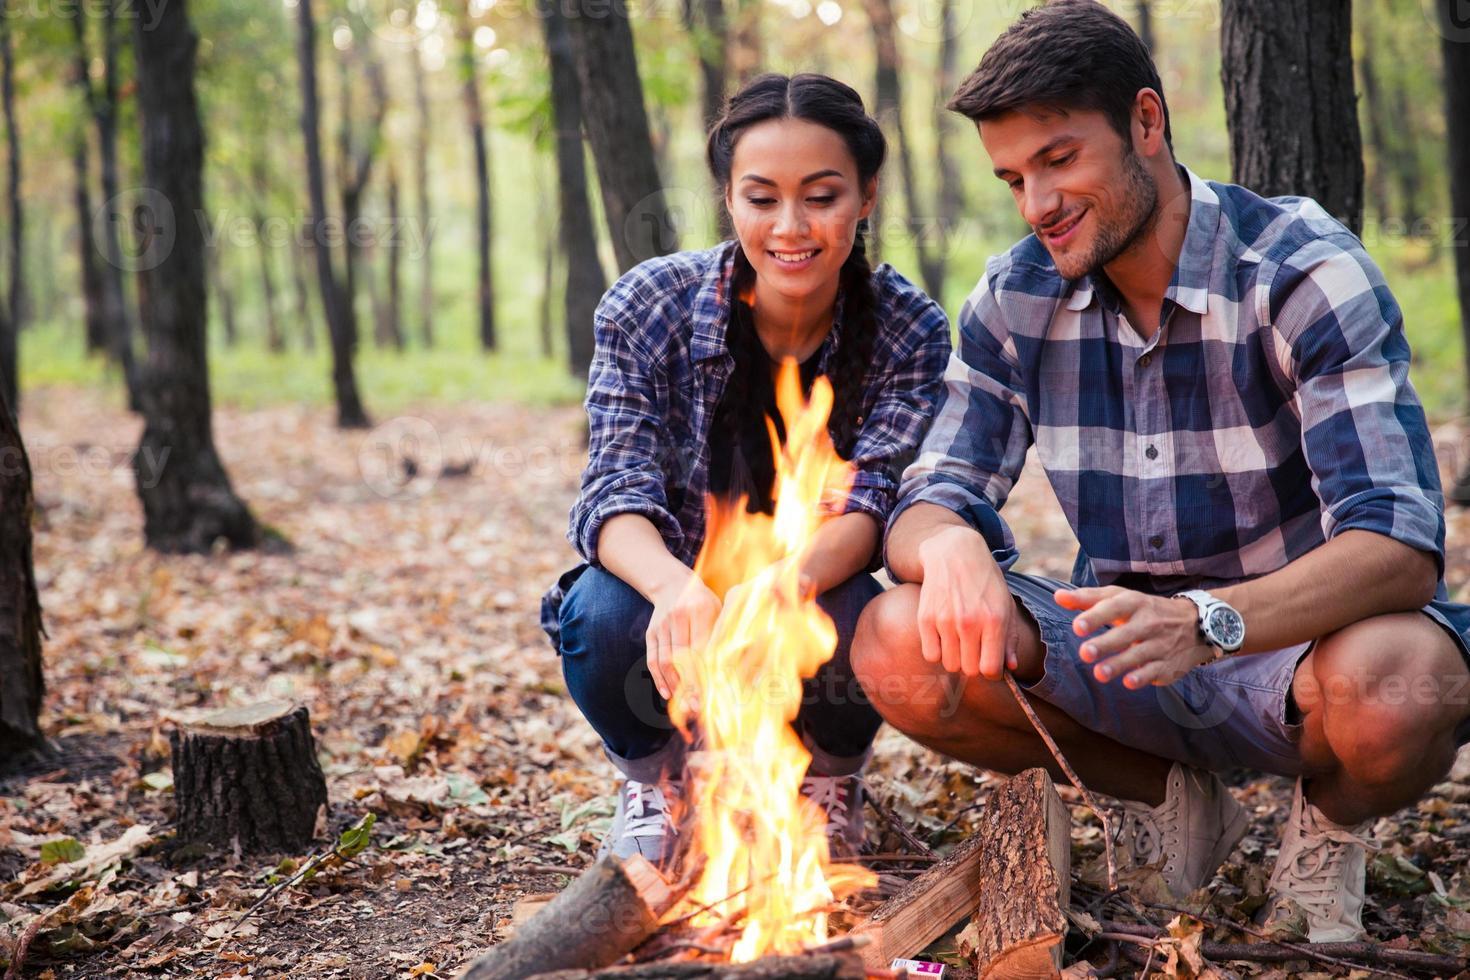 coppia e falò nella foresta foto